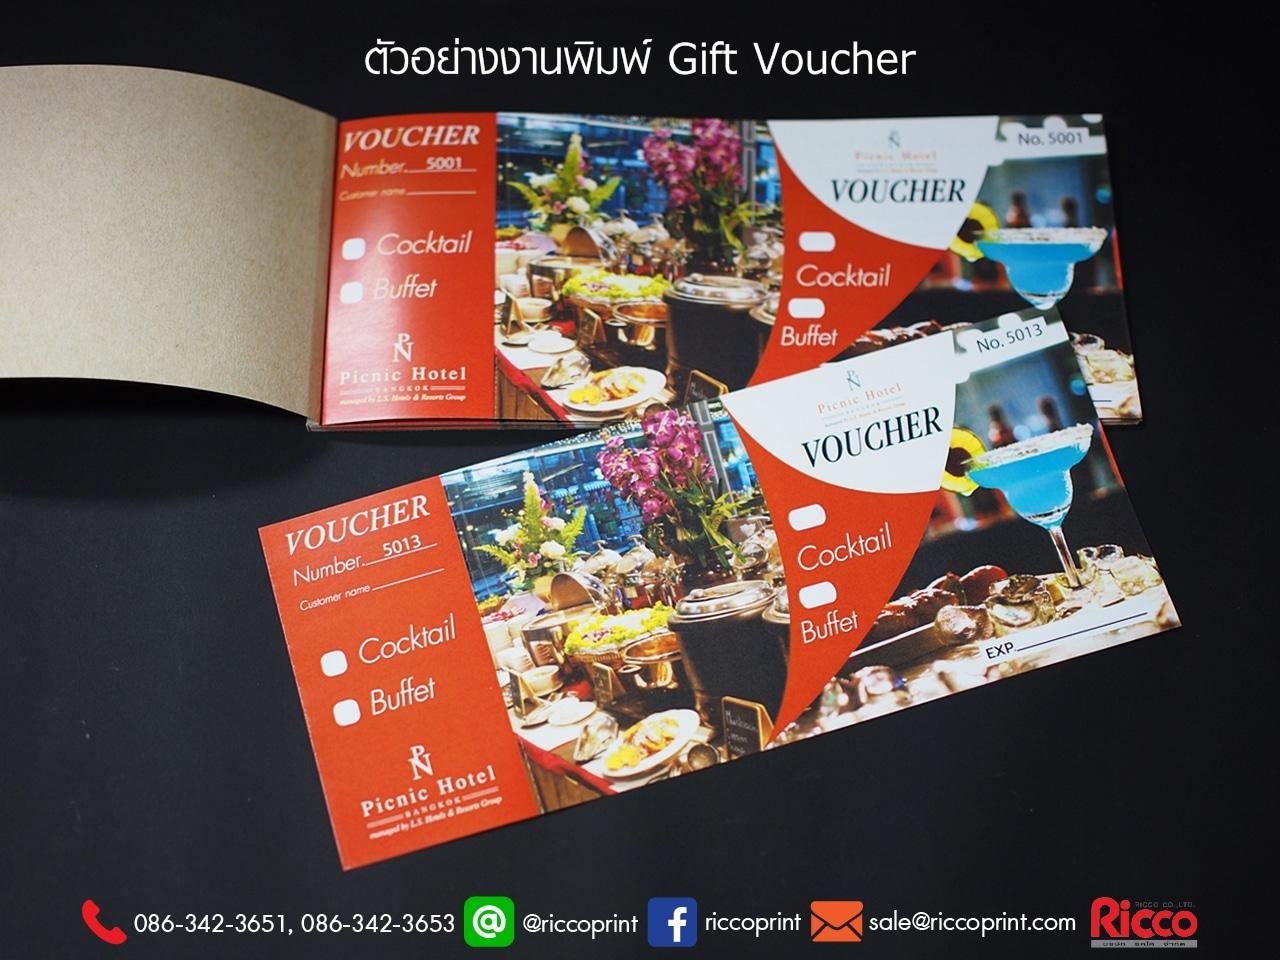 รูป Coupon Gift Voucher 2020 PicnicHotel2 - ประกอบเนื้อหา คูปอง บัตรกำนัล ตั๋ว